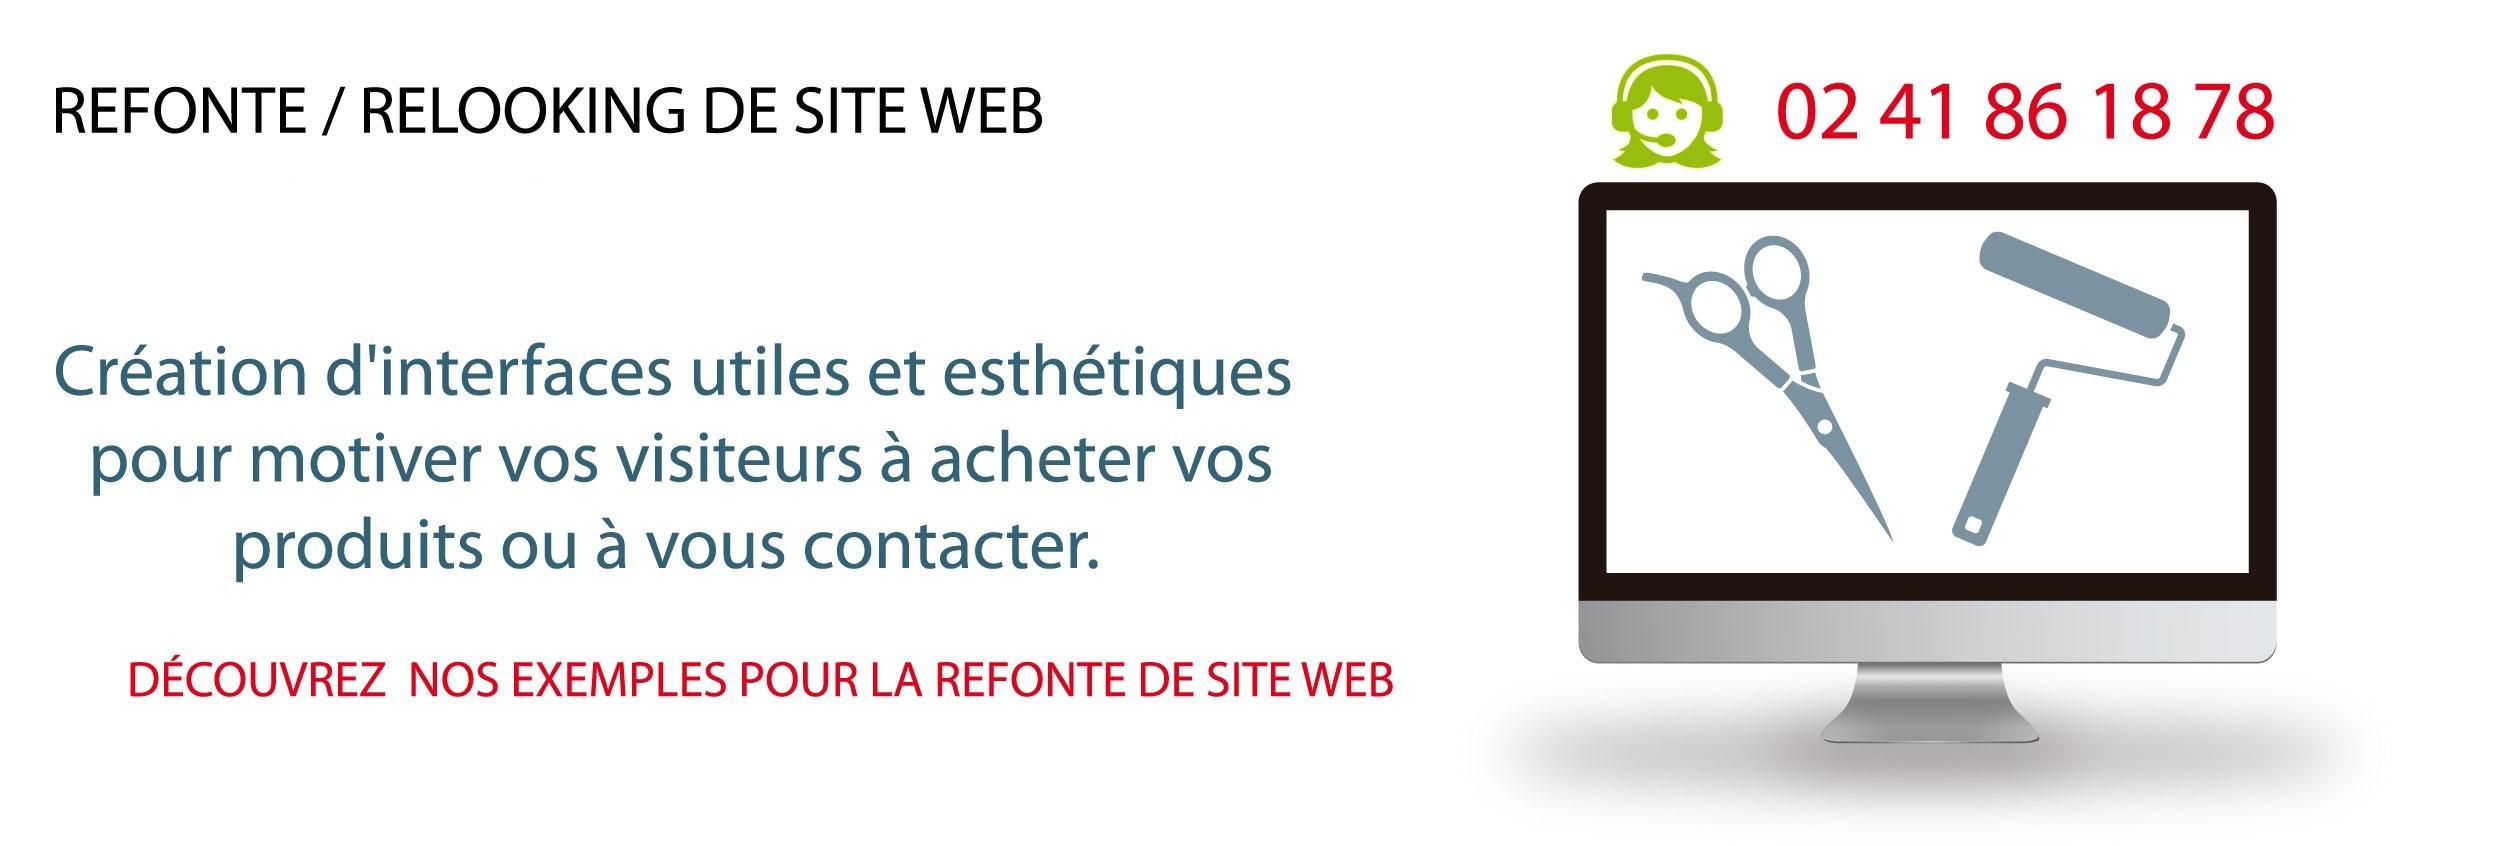 Refonte de site Web